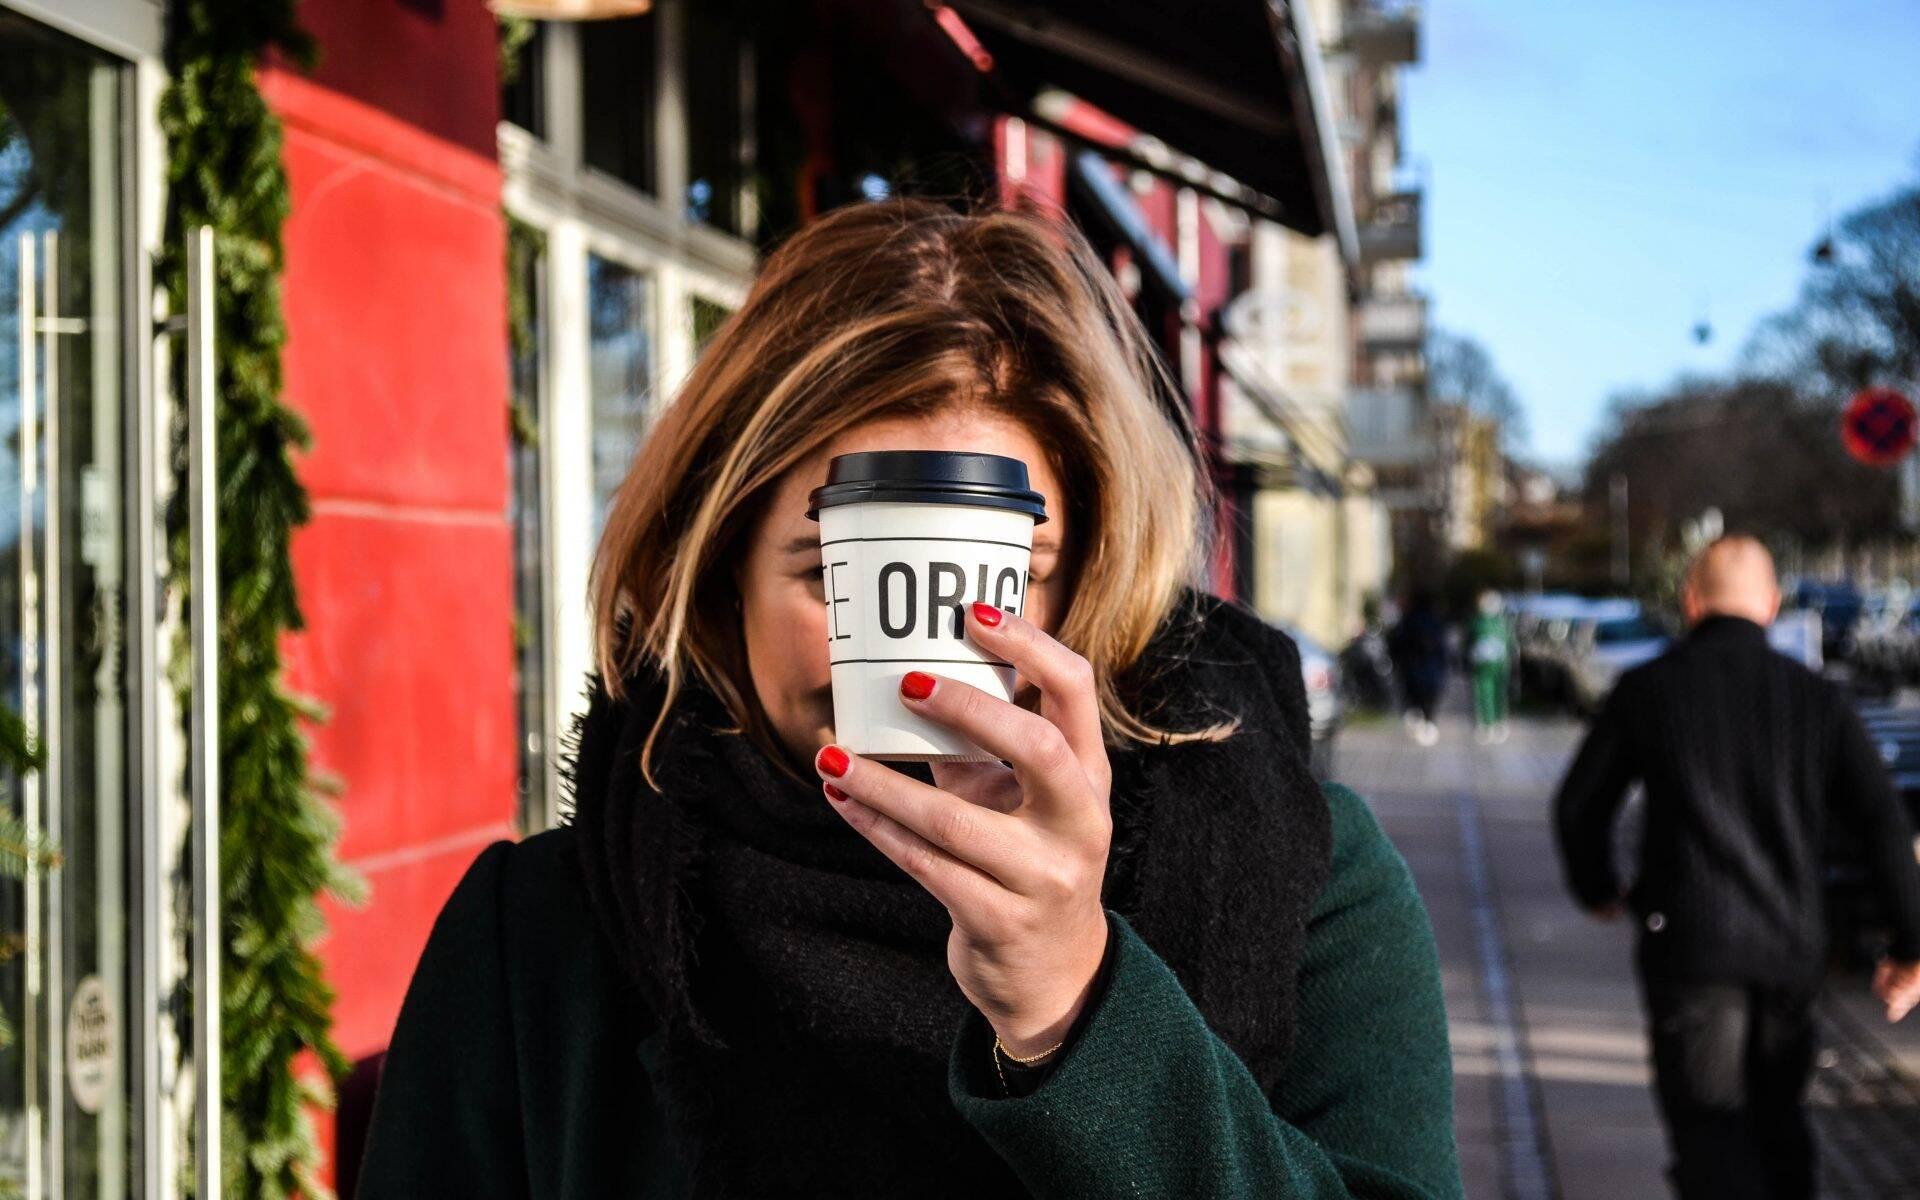 Original Coffee Dosseringen Kopenhagen